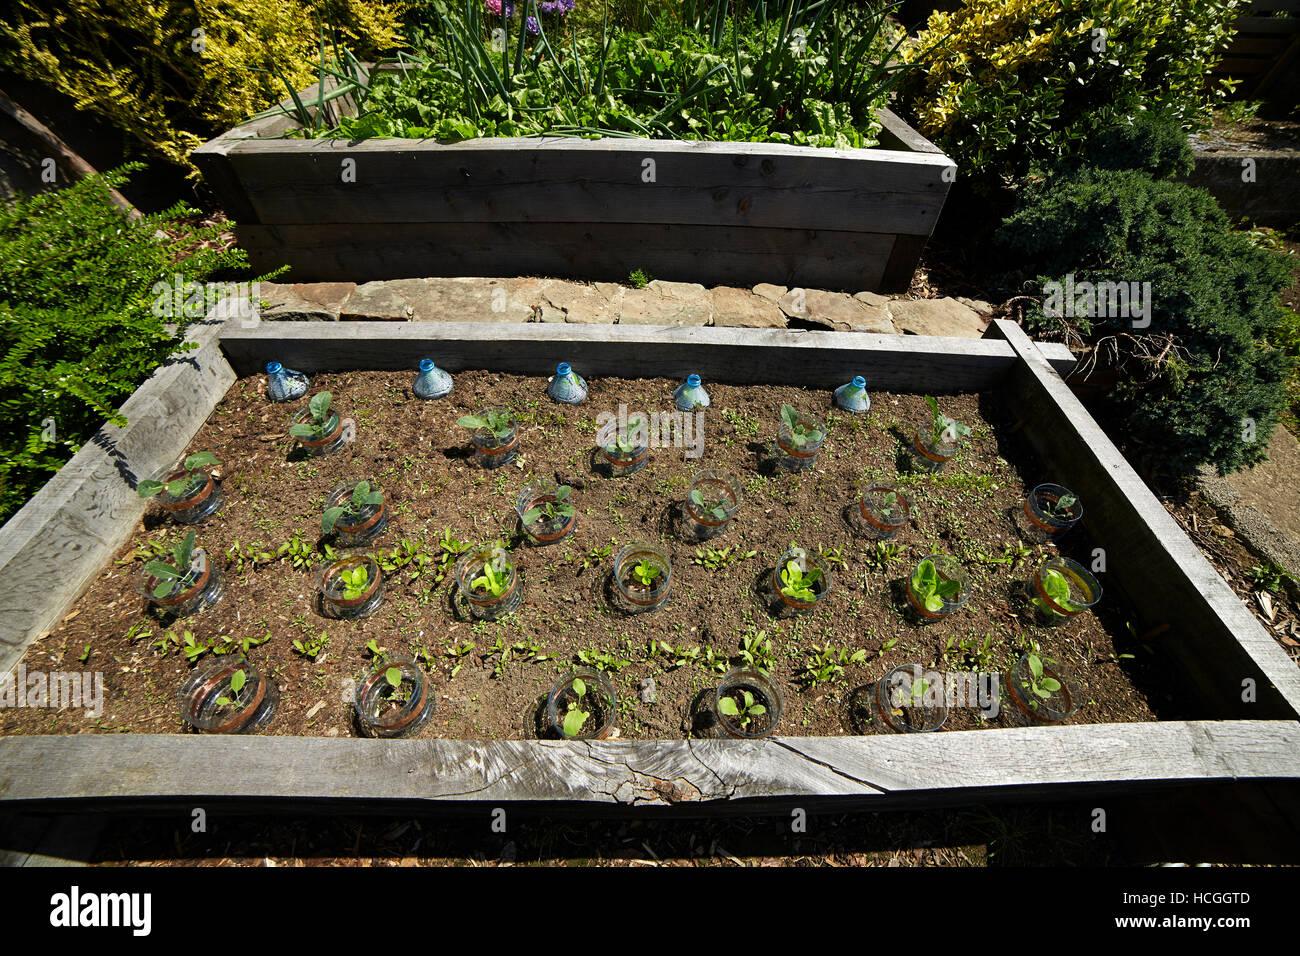 Hochbeet Mit Geschutzten Pflanzen In Einem Garten In Wales Uk